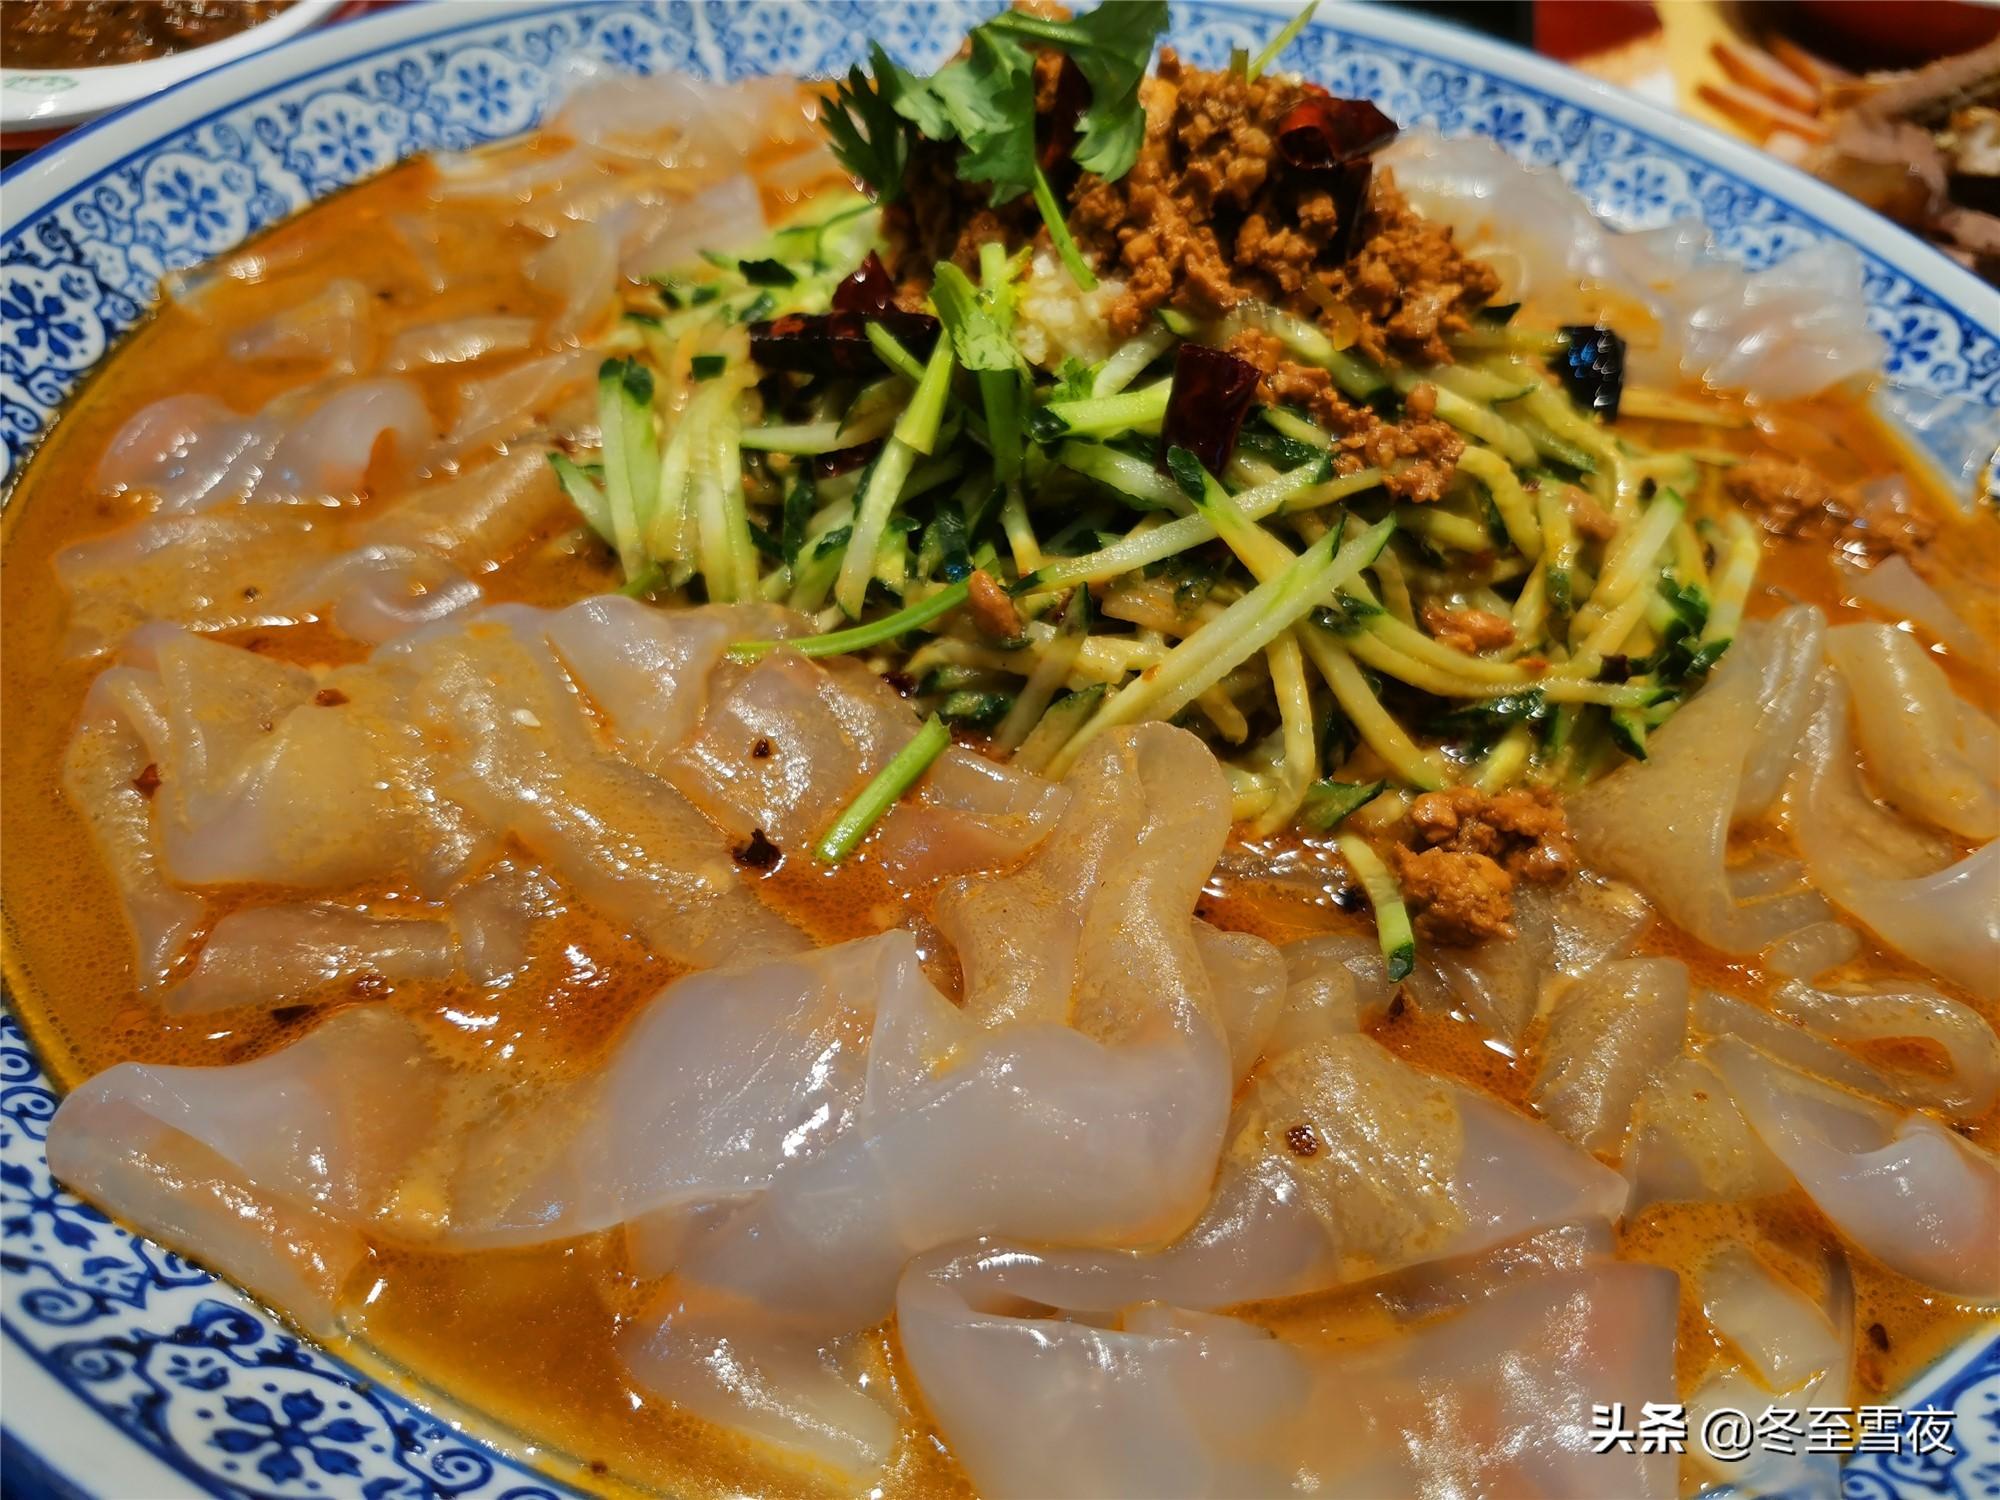 23道东北家常菜,吃了几十年都不腻,东北人都不一定全吃过 东北菜谱 第14张